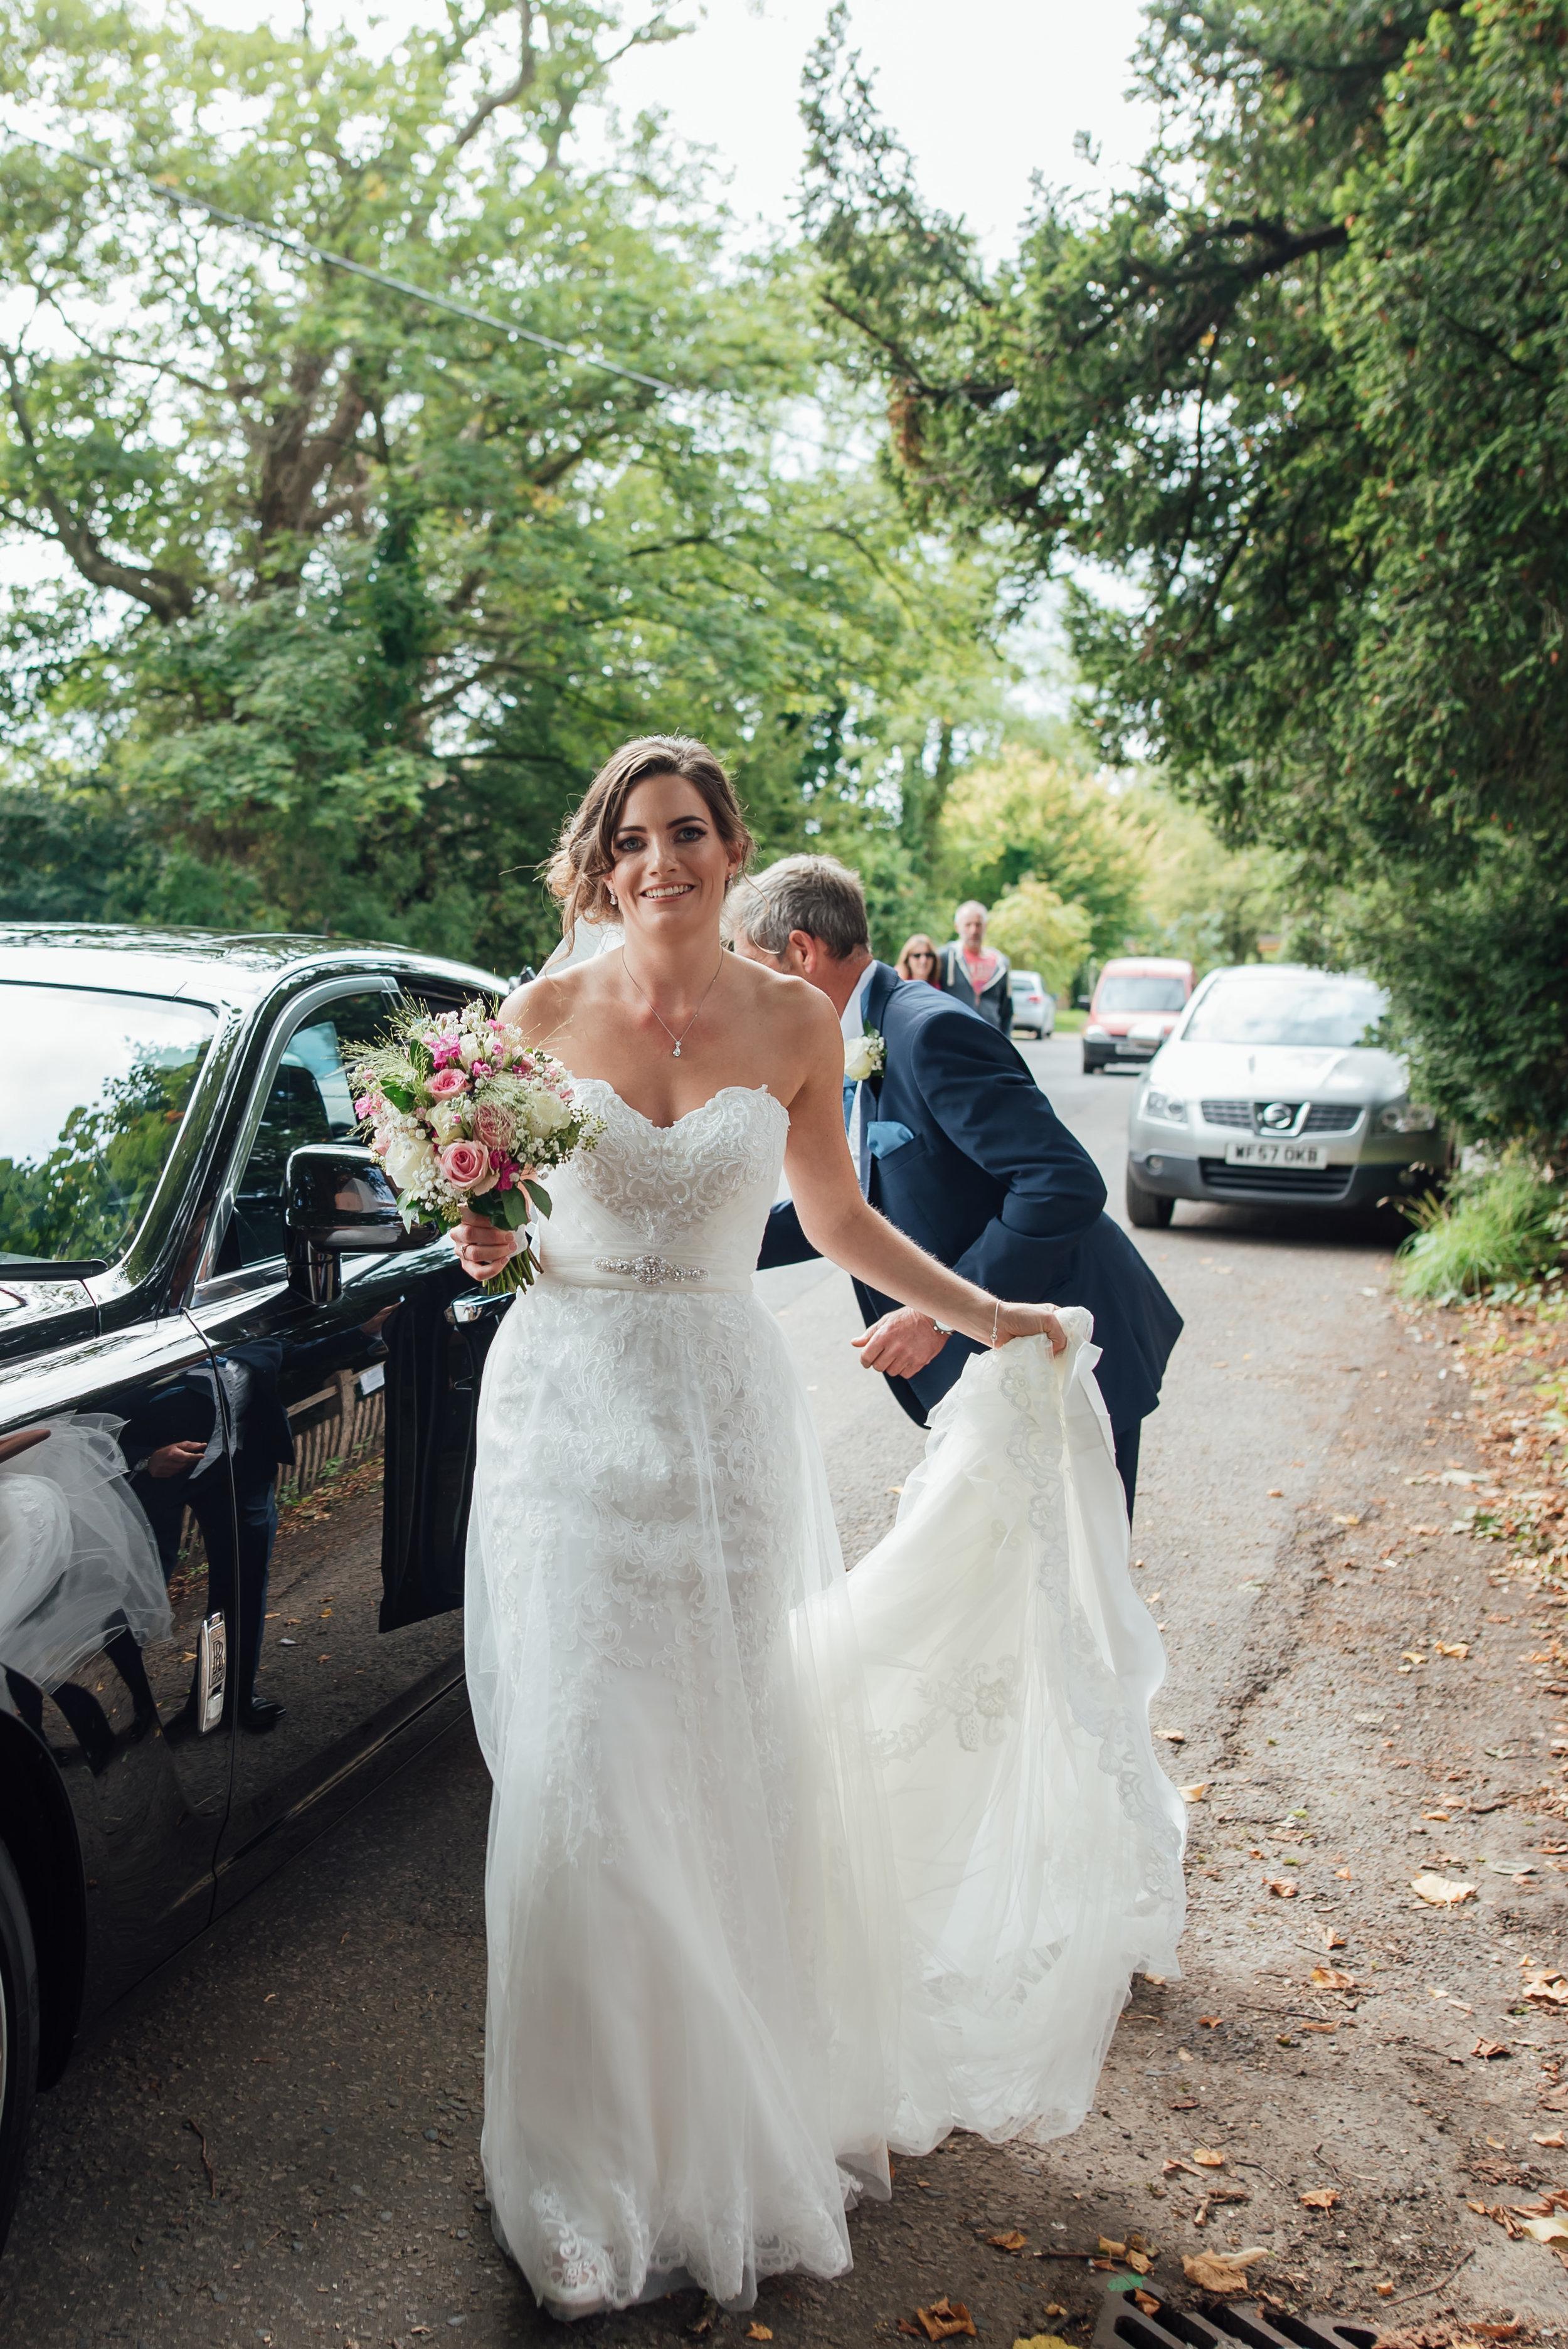 Hampshire-wedding-photographer : hampshire-village-hall-wedding : rotherwick-village-hall-wedding : wedding-photographer-hampshire : amy-james-photography : natural-wedding-photographer-hampshire : wedding-photographer-hampshire-251.jpg